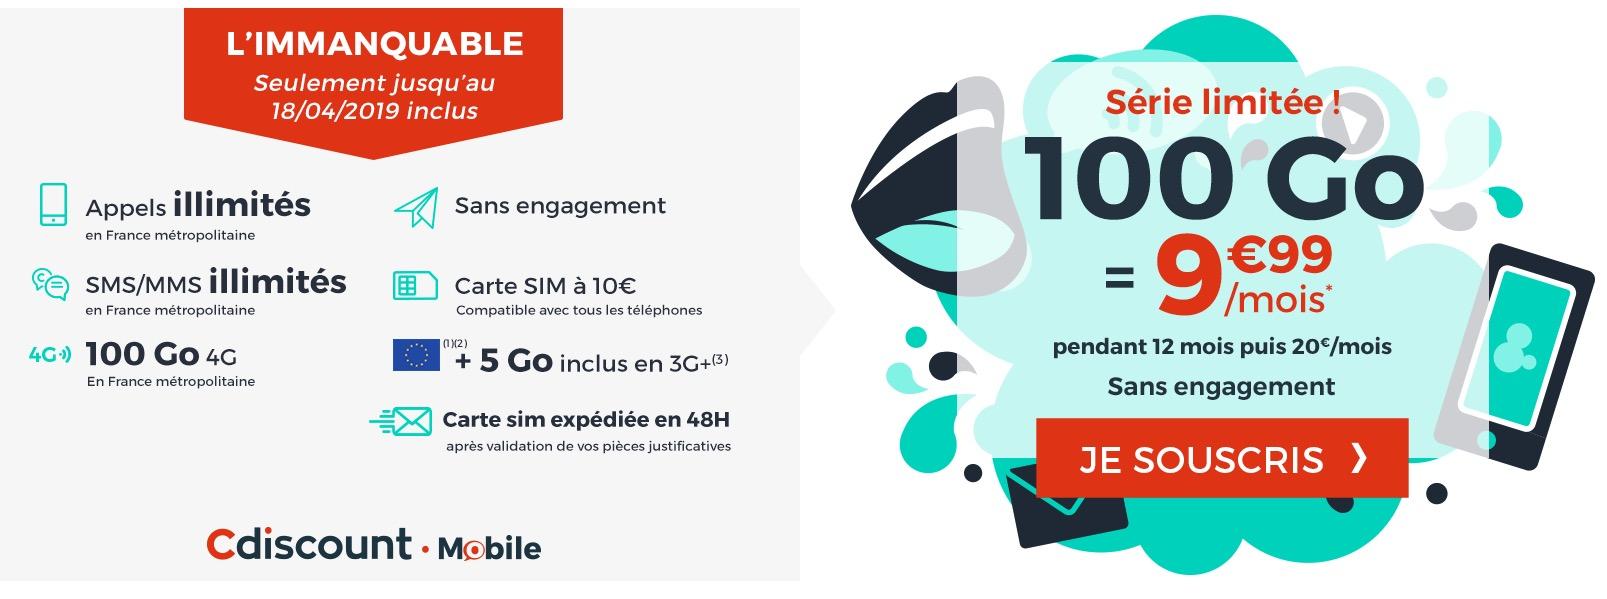 Promo forfait : illimité + 100 Go à moins de 10€/mois chez Cdiscount Mobile 1